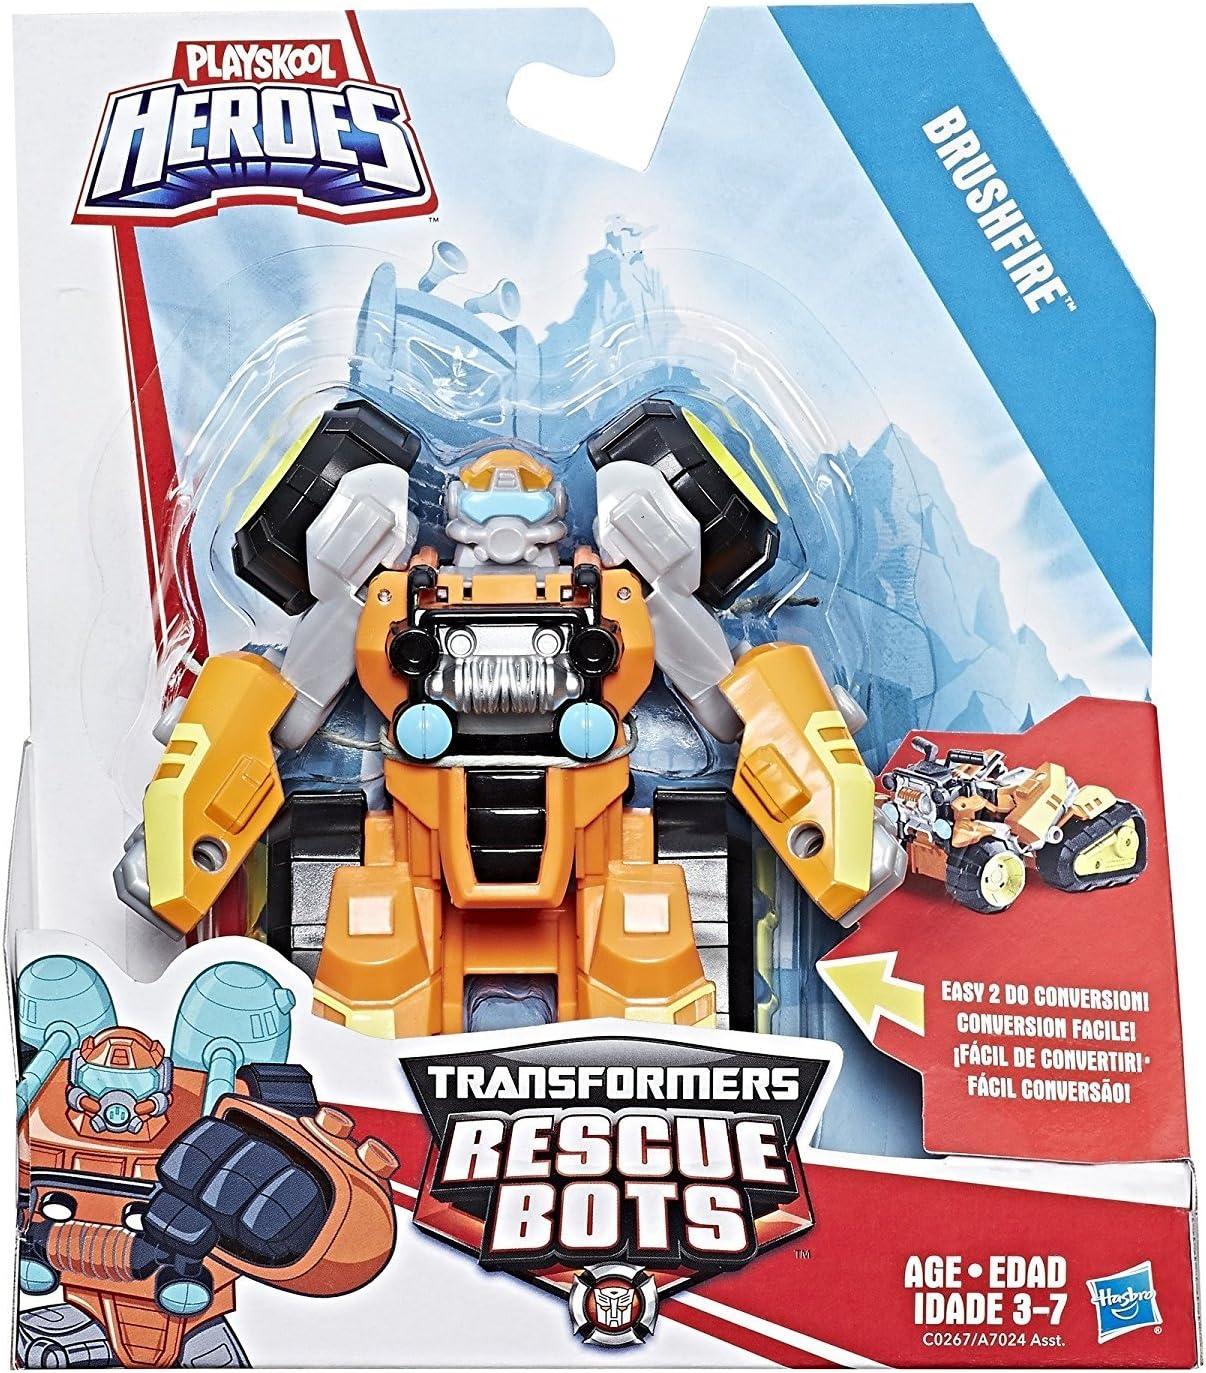 Playskool Héroes C0267EL2 Transformers - Figura de Bots de Rescate: Amazon.es: Juguetes y juegos